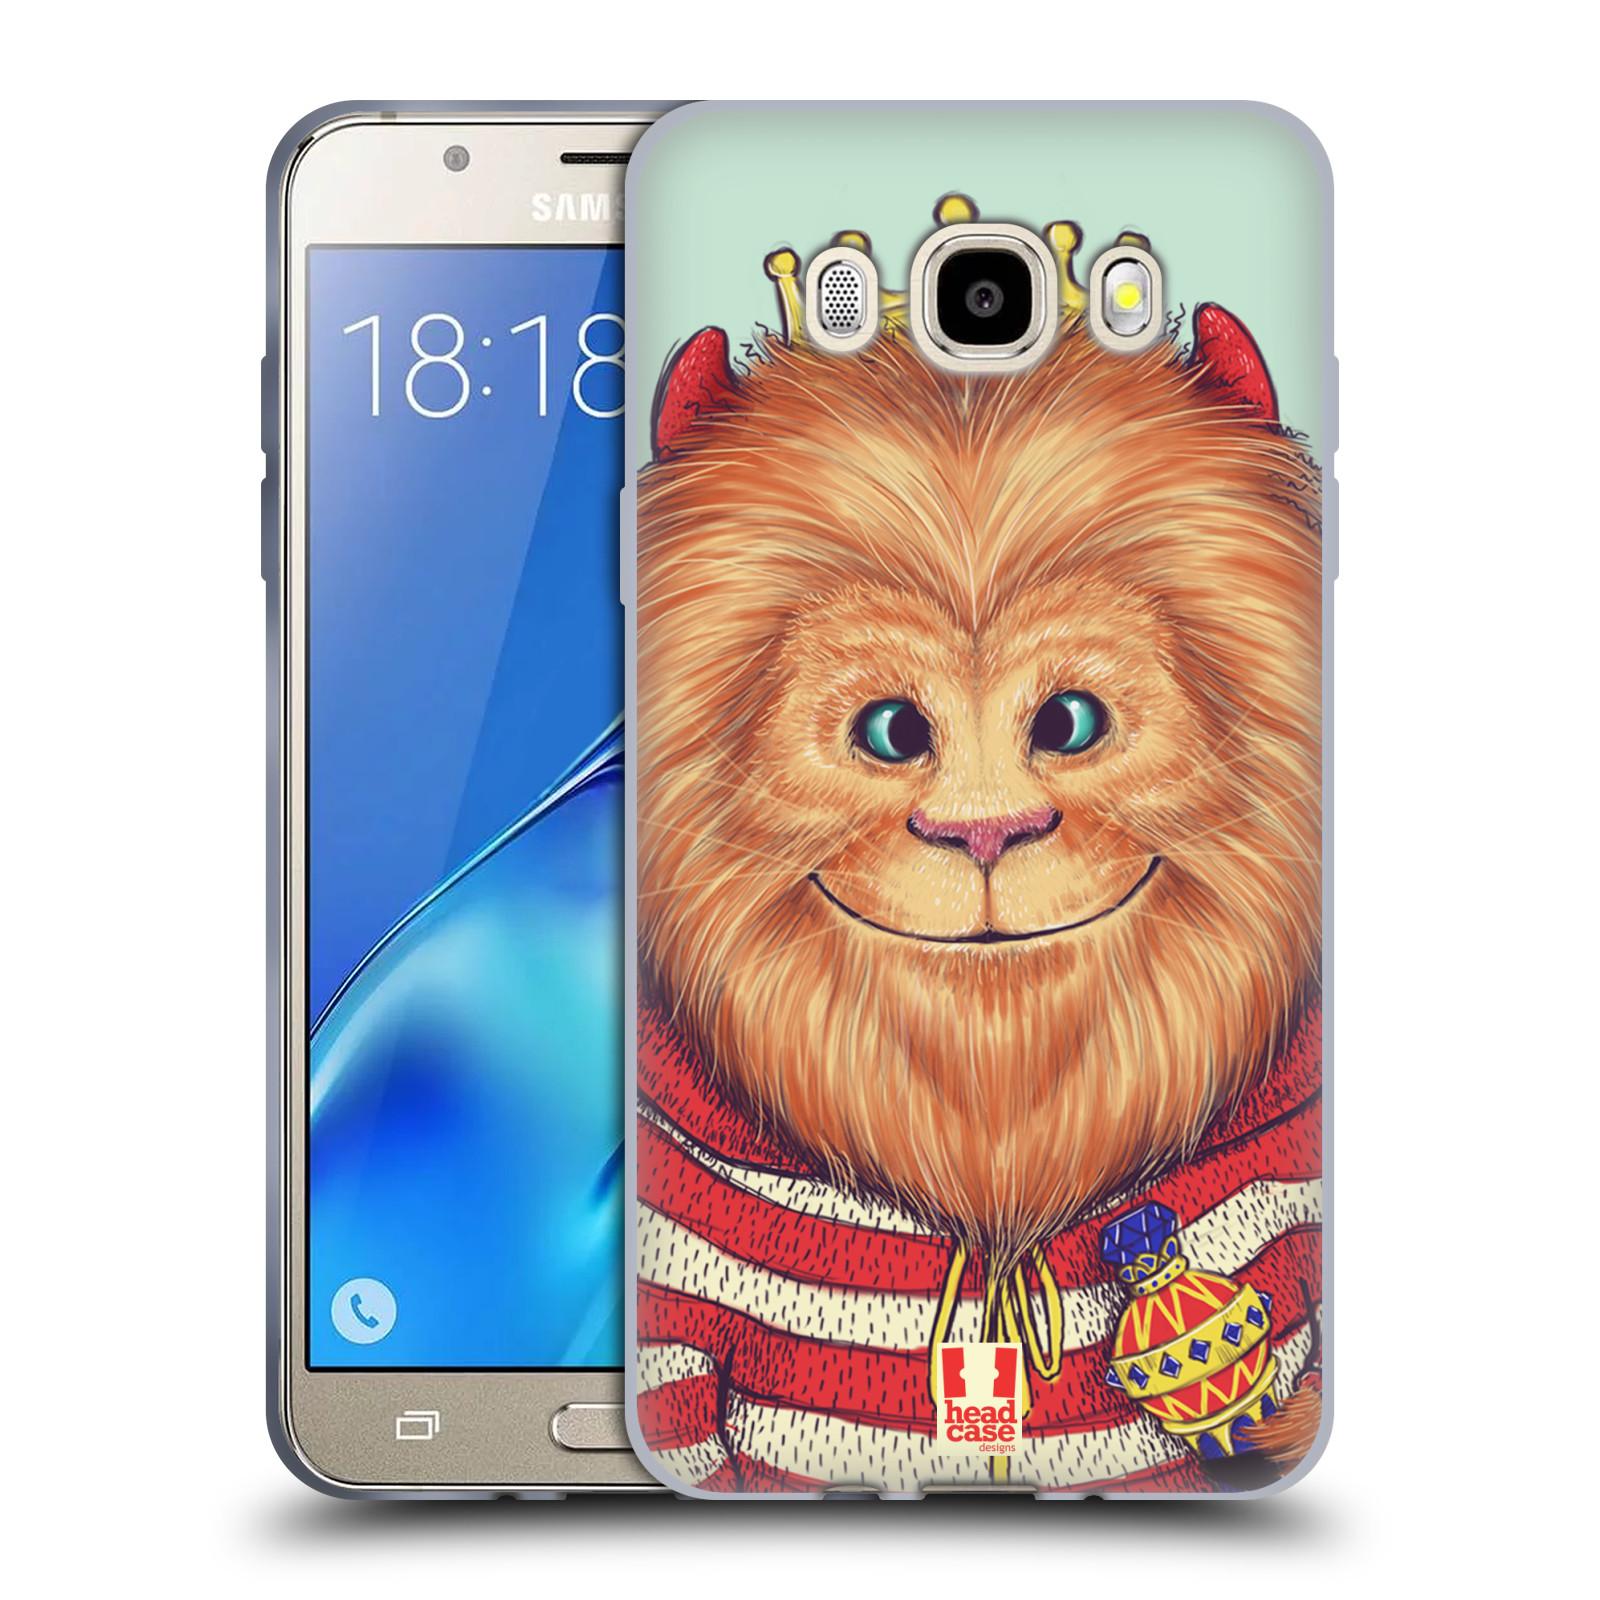 HEAD CASE silikonový obal, kryt na mobil Samsung Galaxy J5 2016, J510, J510F, (J510F DUAL SIM) vzor Kreslená zvířátka lev